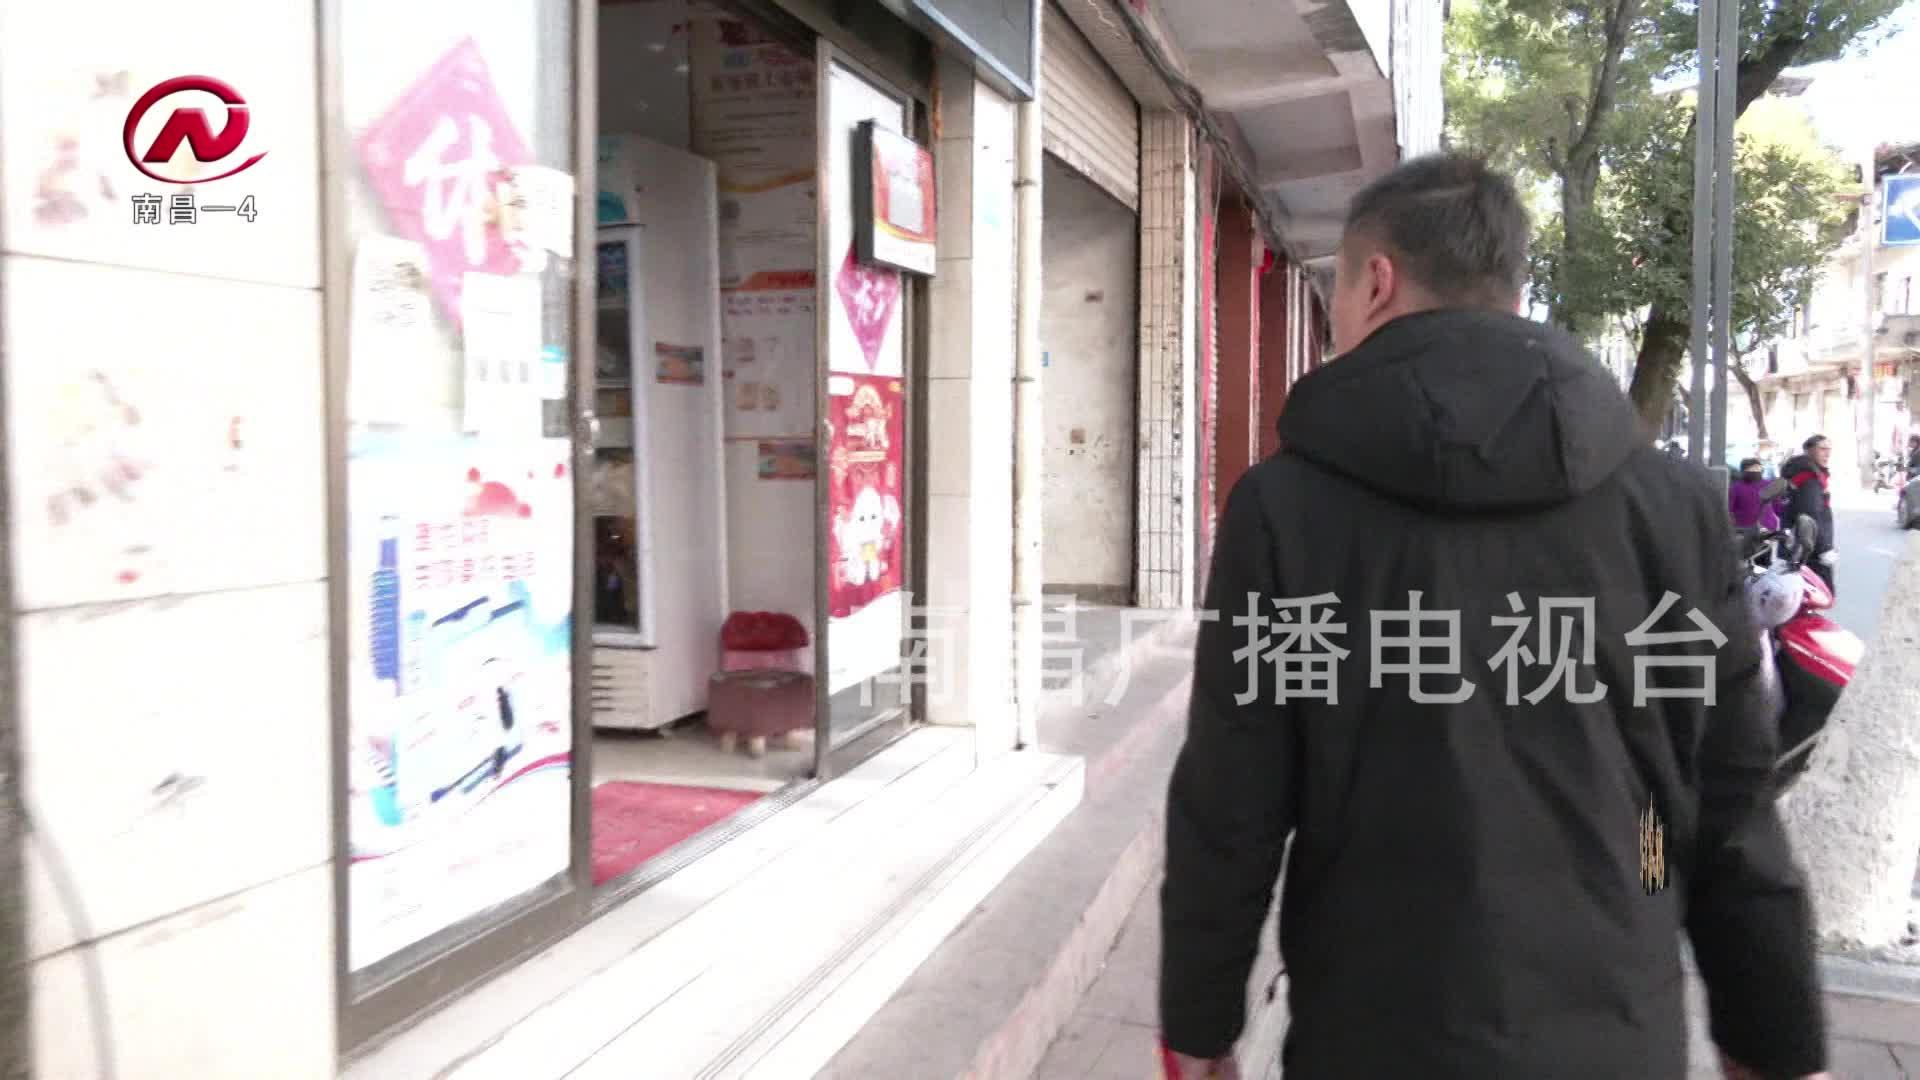 【豫章农视】精准扶贫 贫困户喜圆安居梦